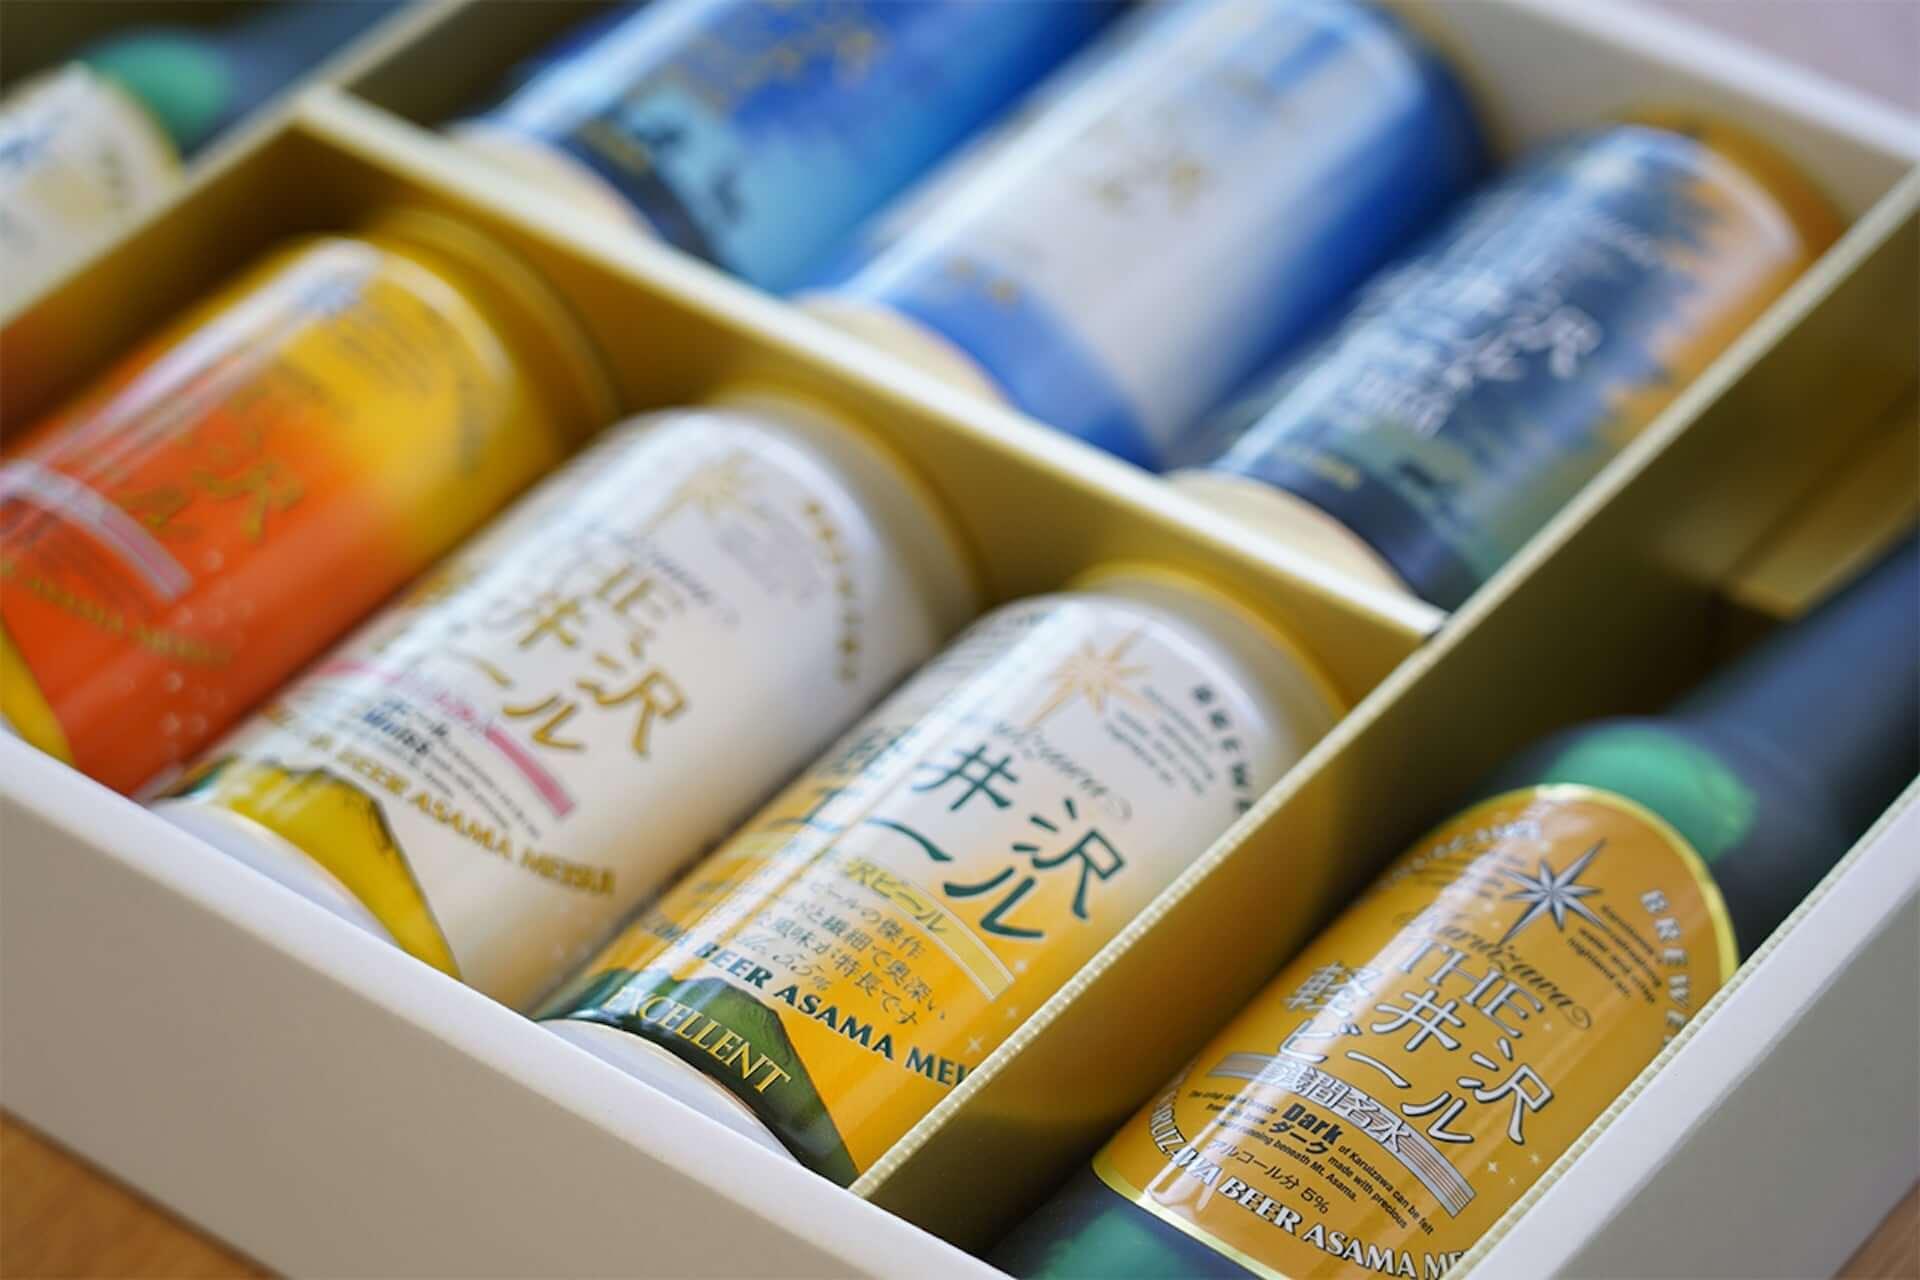 父の日限定の地ビール・クラフトビール8本飲み比べセットが登場!感謝のメッセージ付きギフトボックス gourmet200611_karuizawabeer_01-1920x1280